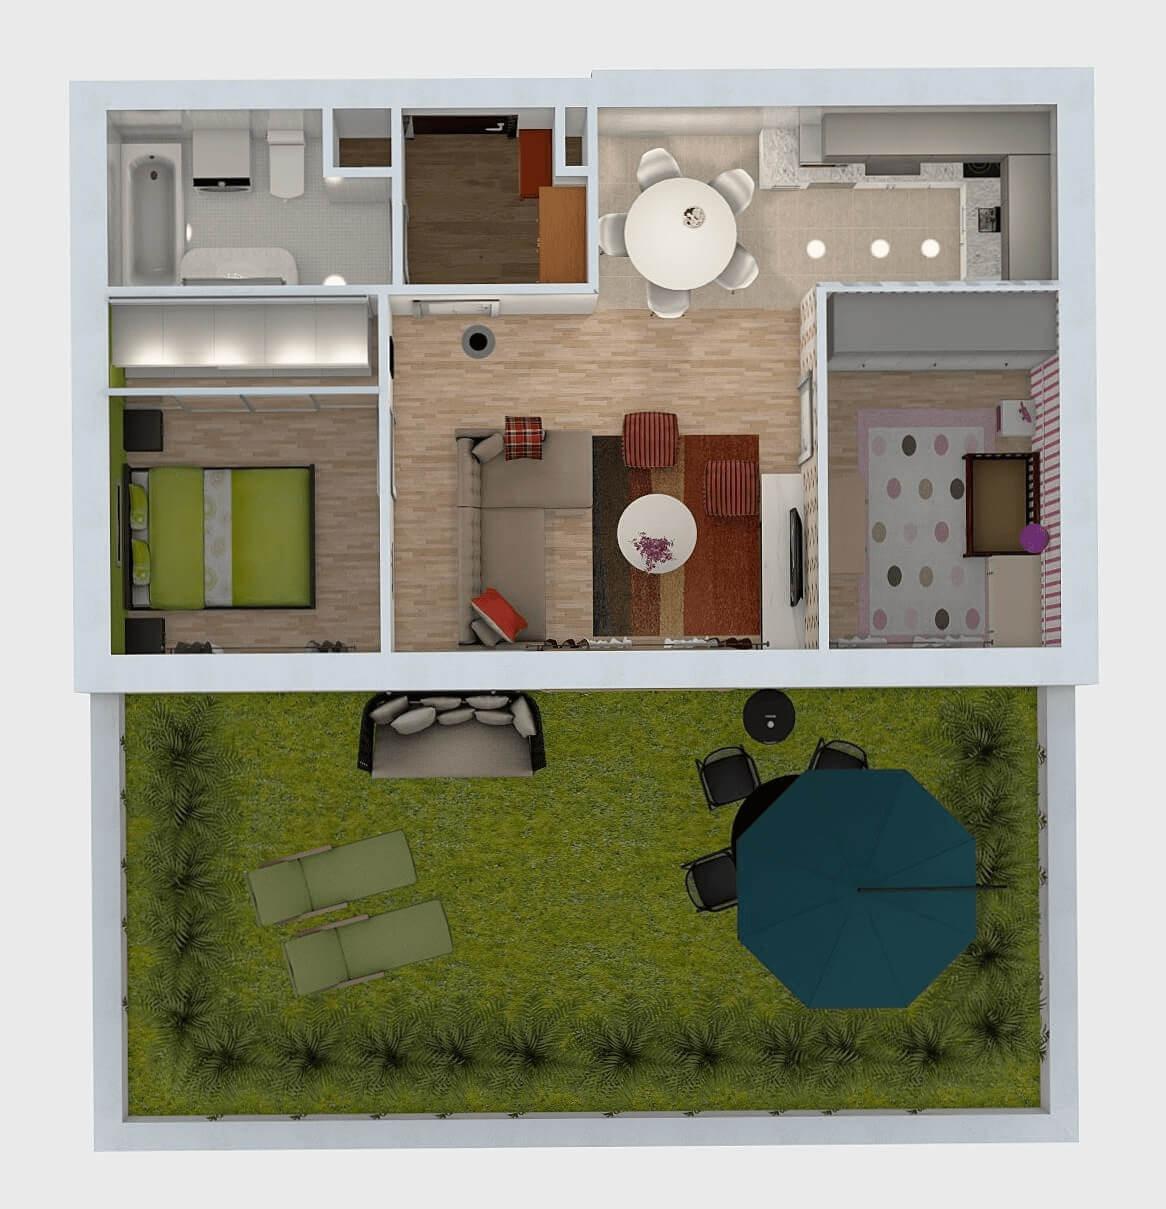 Eladó 3 szobás új építésű lakás- Budapest VIII- Tisztviselőtelep-http://alacsonyjutalek.hu/ - Megbízható, megfizethető, minőségi ingatlanközvetítő iroda-tel: 36-30-9843-962